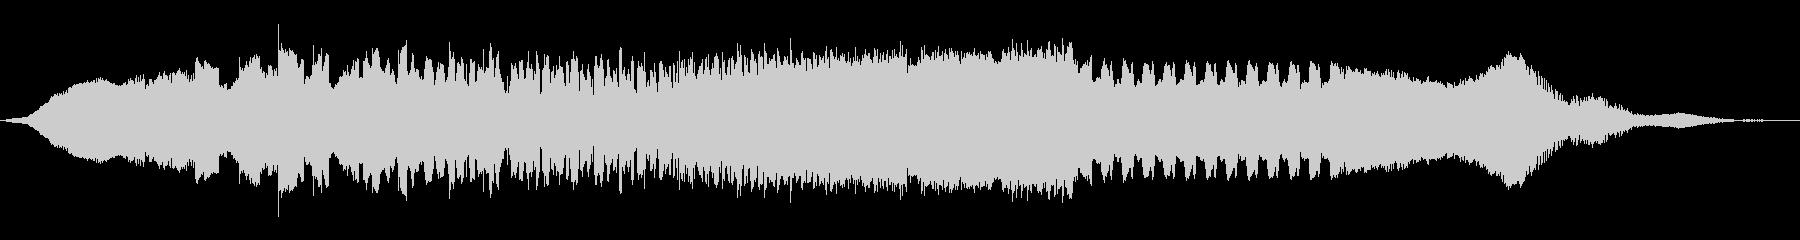 ワープフィールド信号の未再生の波形